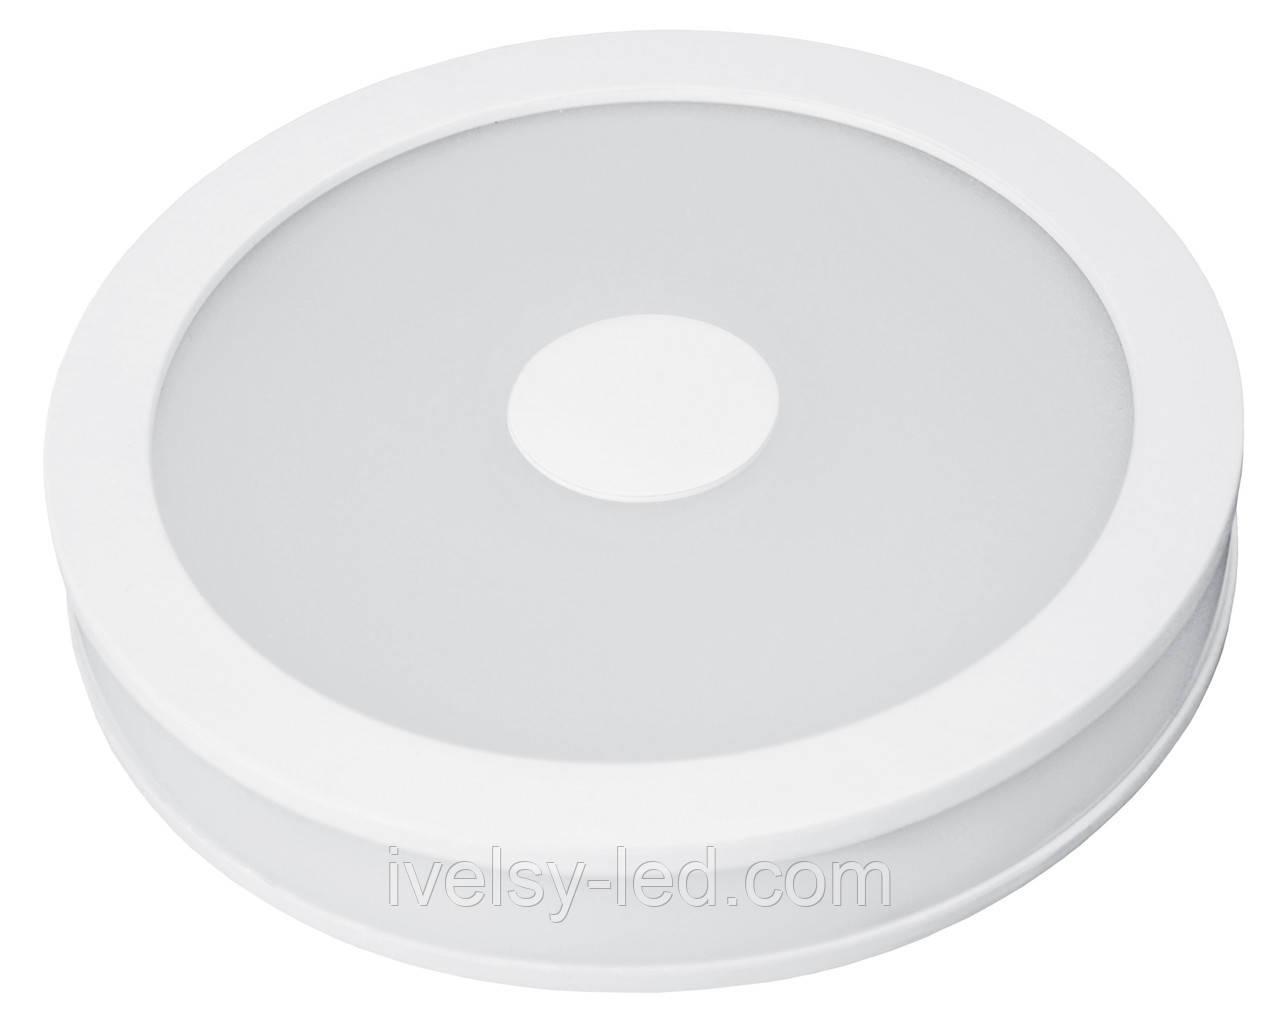 LED Светильник EUROLAMP круглый накладной Downlight 24W 4000K (с врезным типом монтажа)